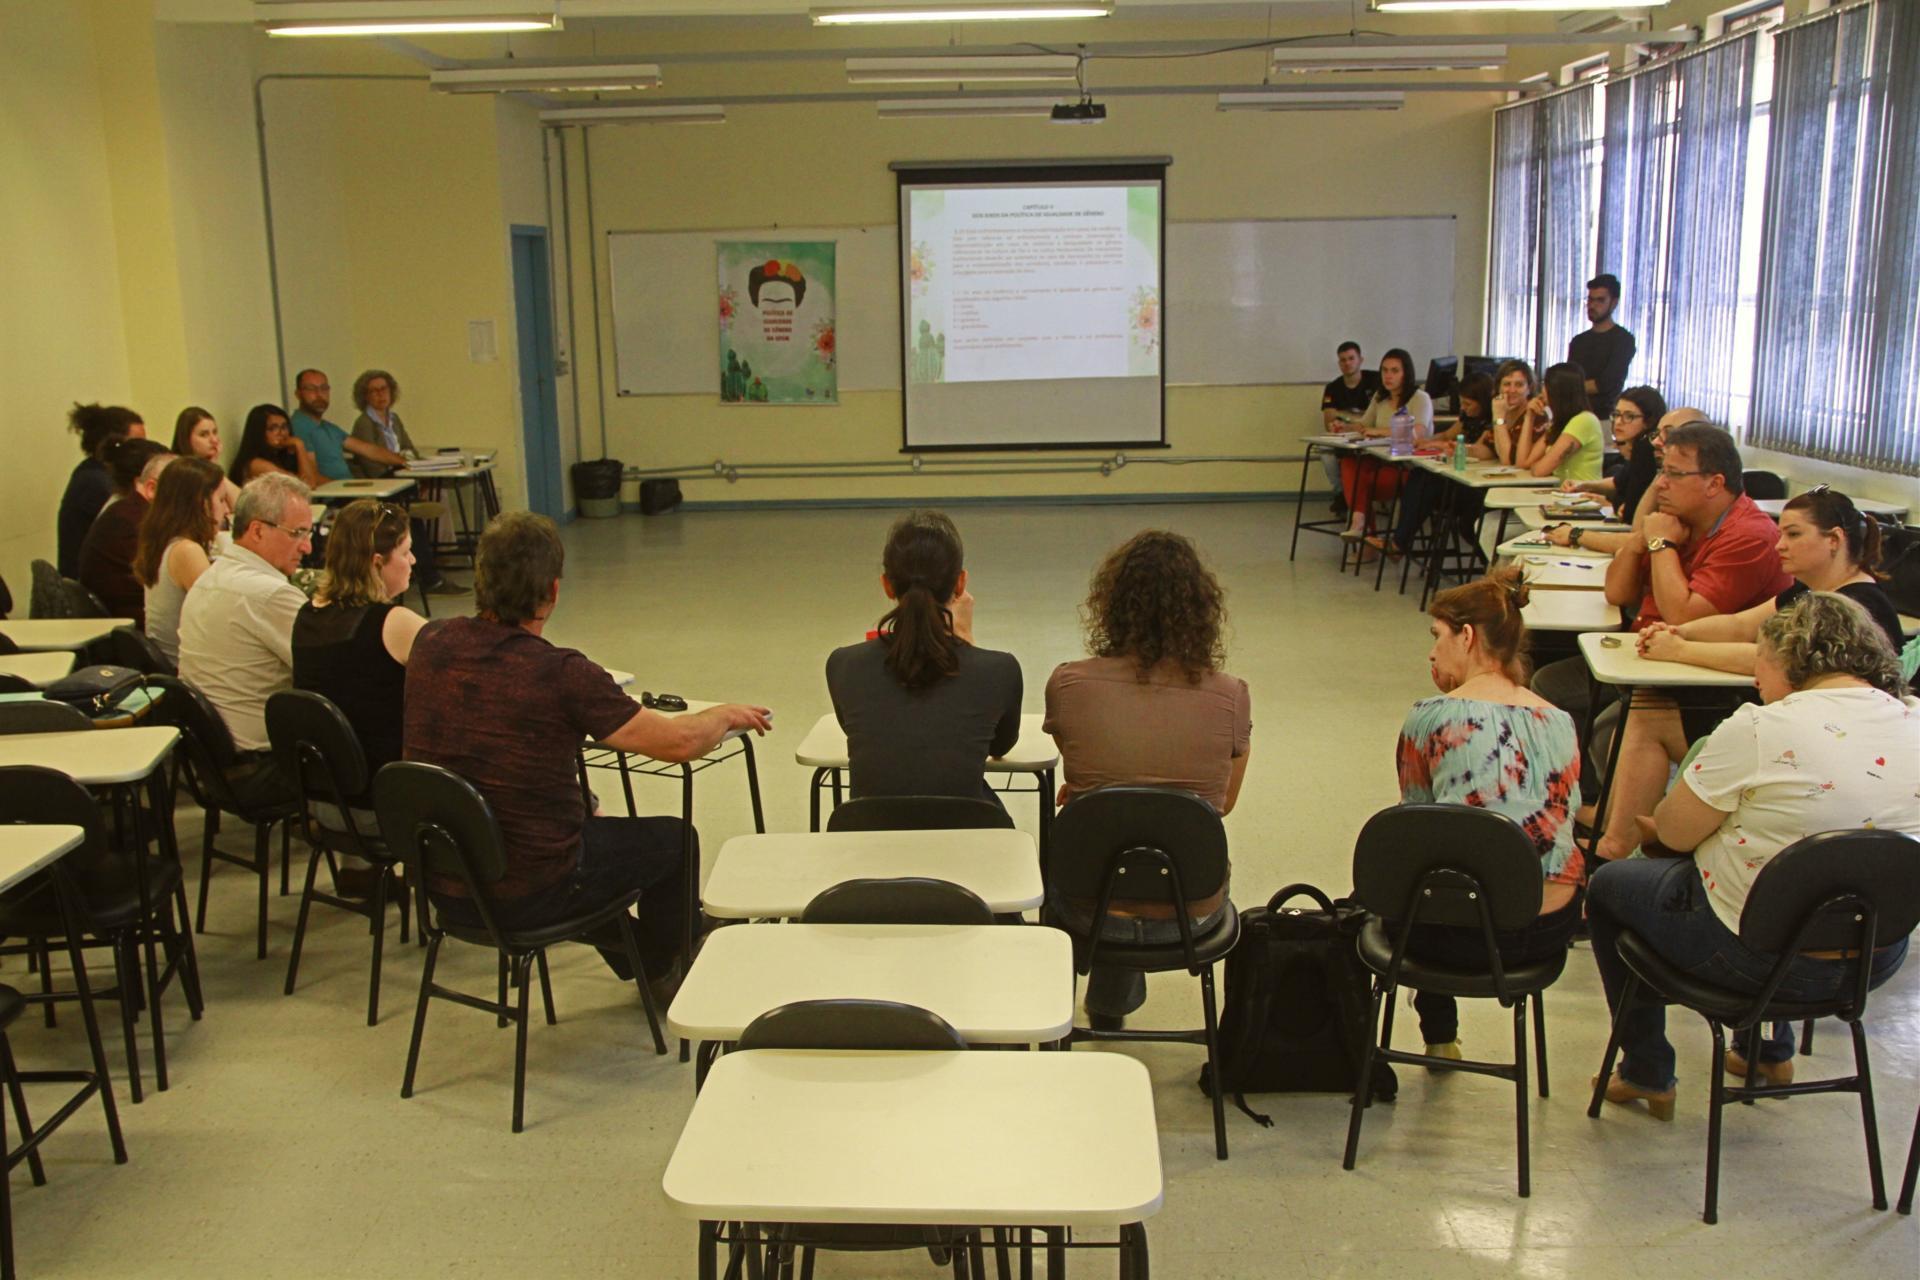 Pessoas reunidas em uma sala de aula em semicírculo. À frente há um cartaz com a imagem da Frida Kahlo e uma projeção. A imagem da projeção está muito distante e não é possível identificar o que está escrito.